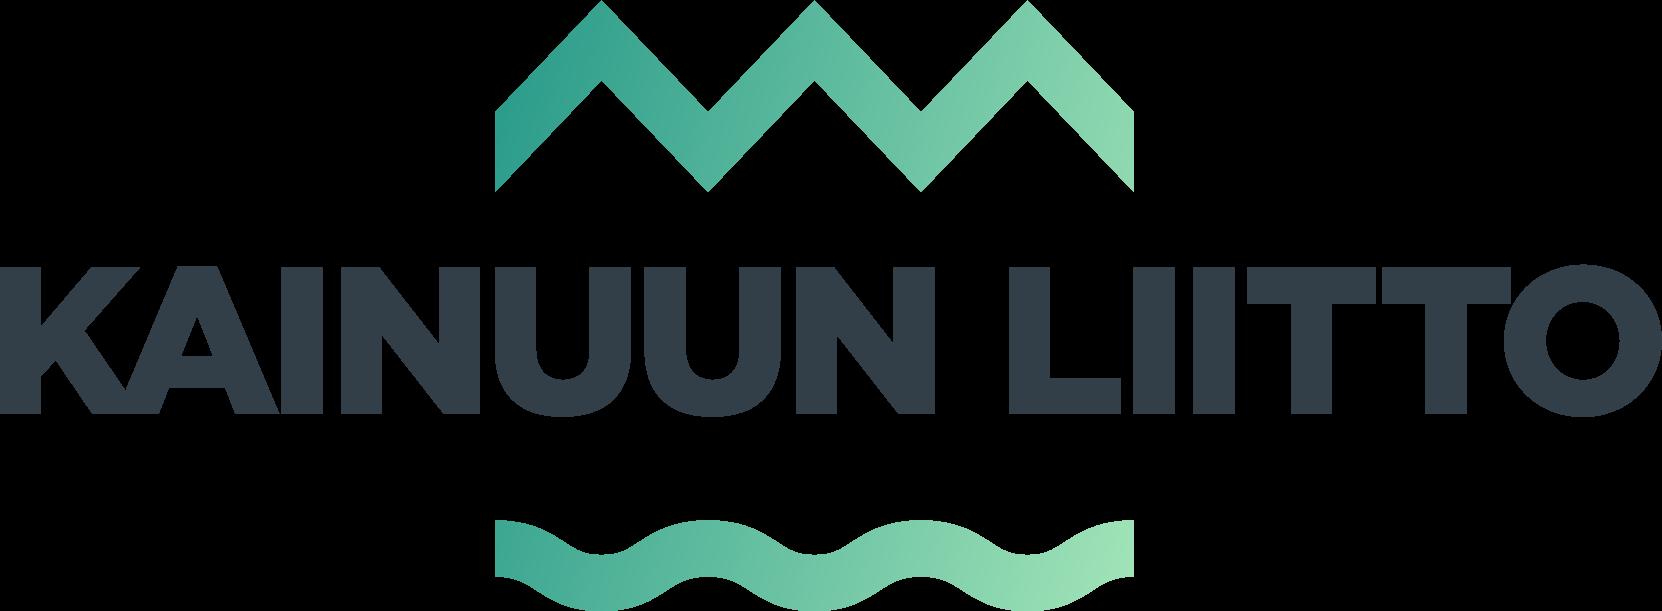 kainuunliitto-logo